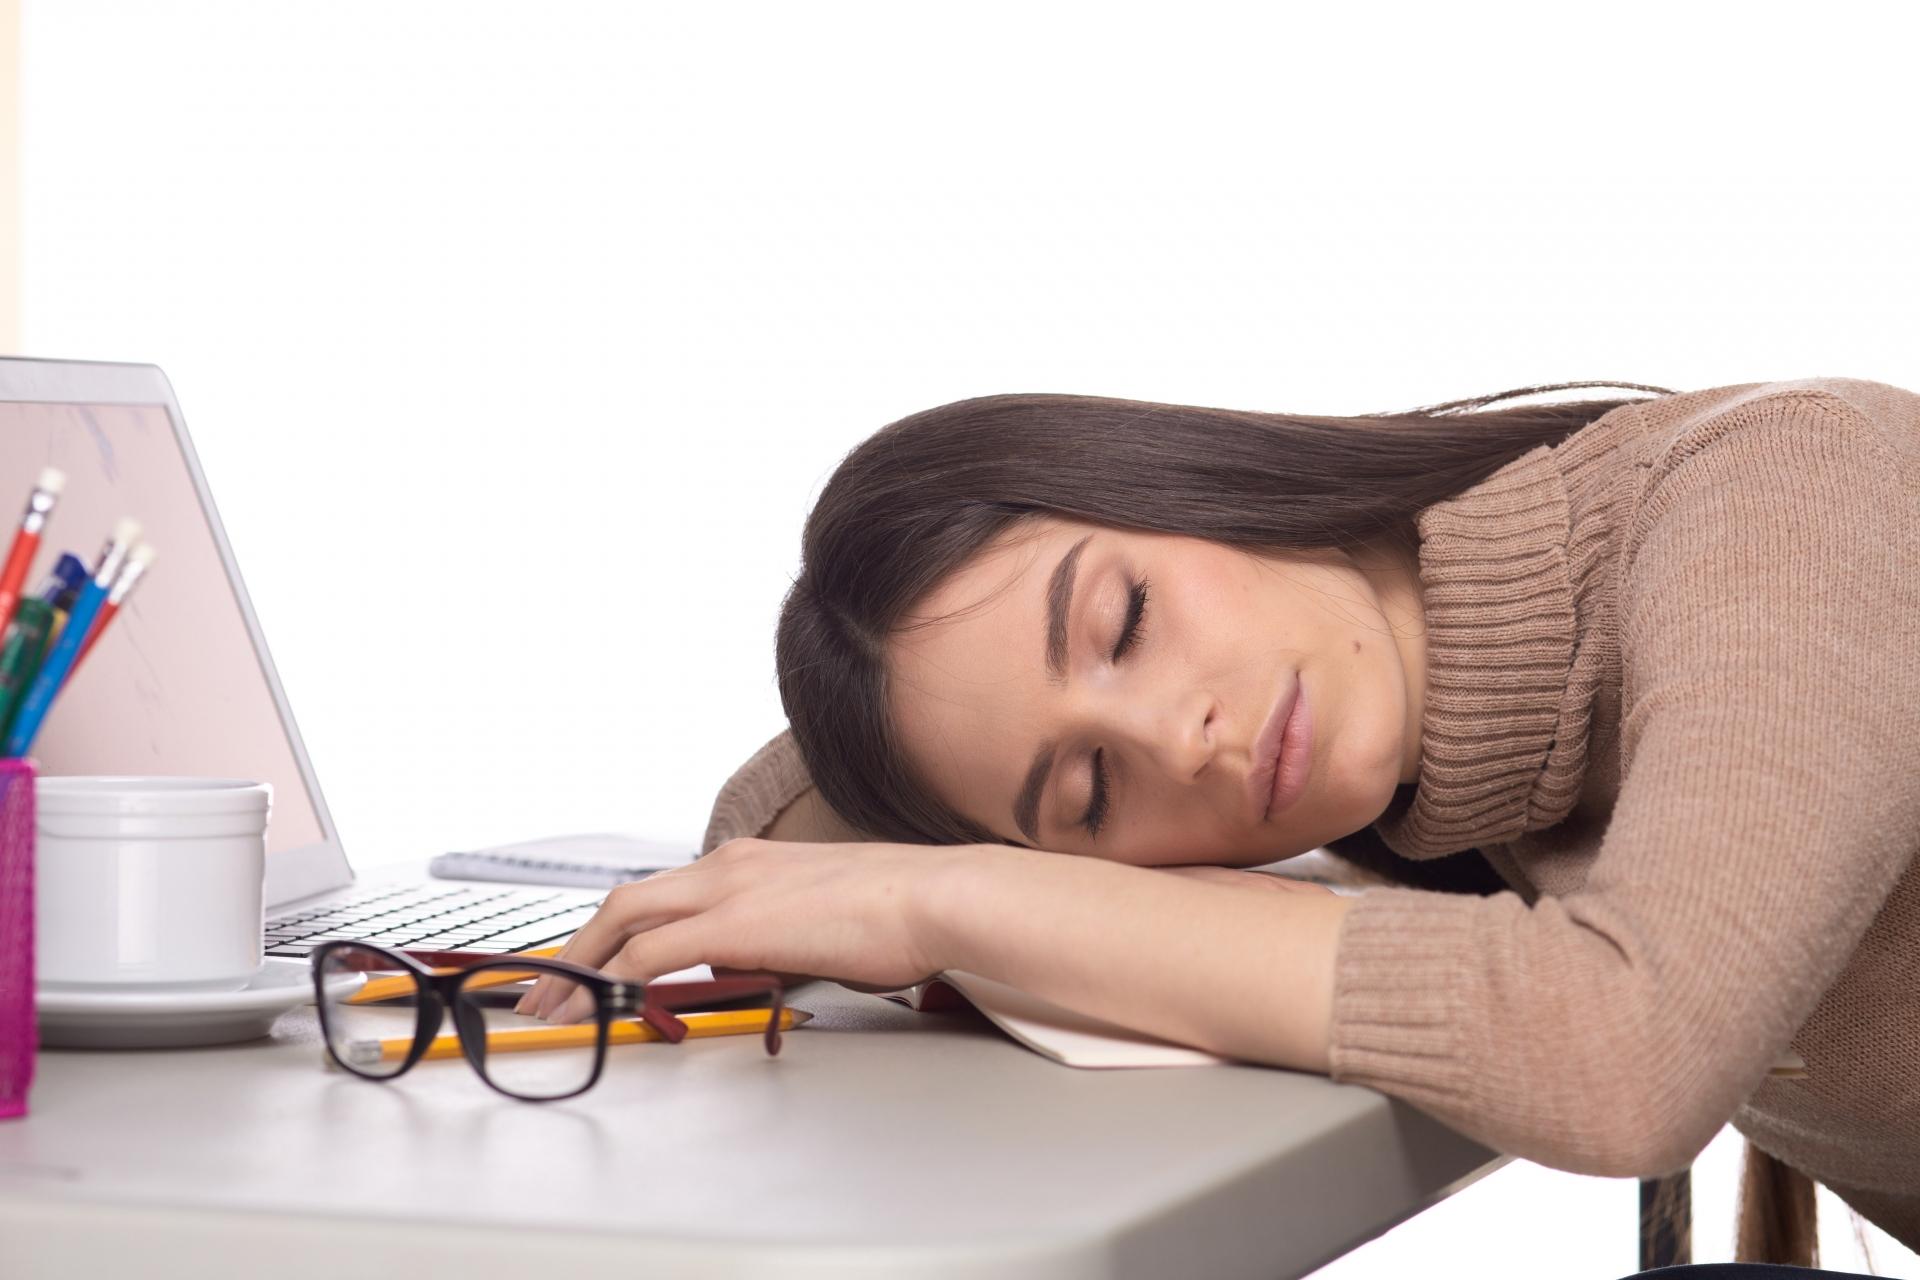 共働きに疲れて毎日が辛い…忙しい日々を楽に過ごせるコツと考え方。